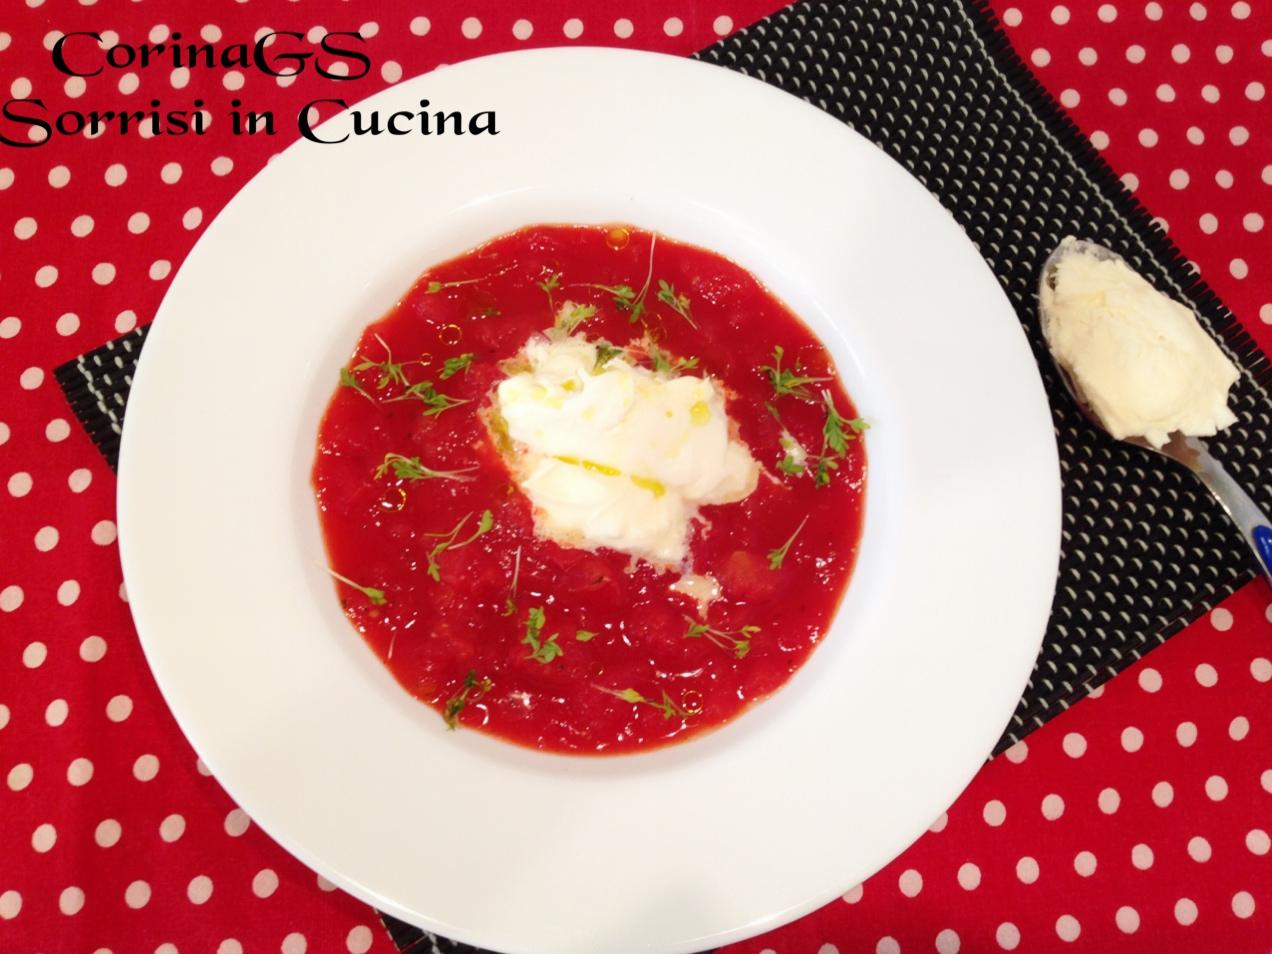 Zuppa di pomodoro con burrata e germogli di crescione